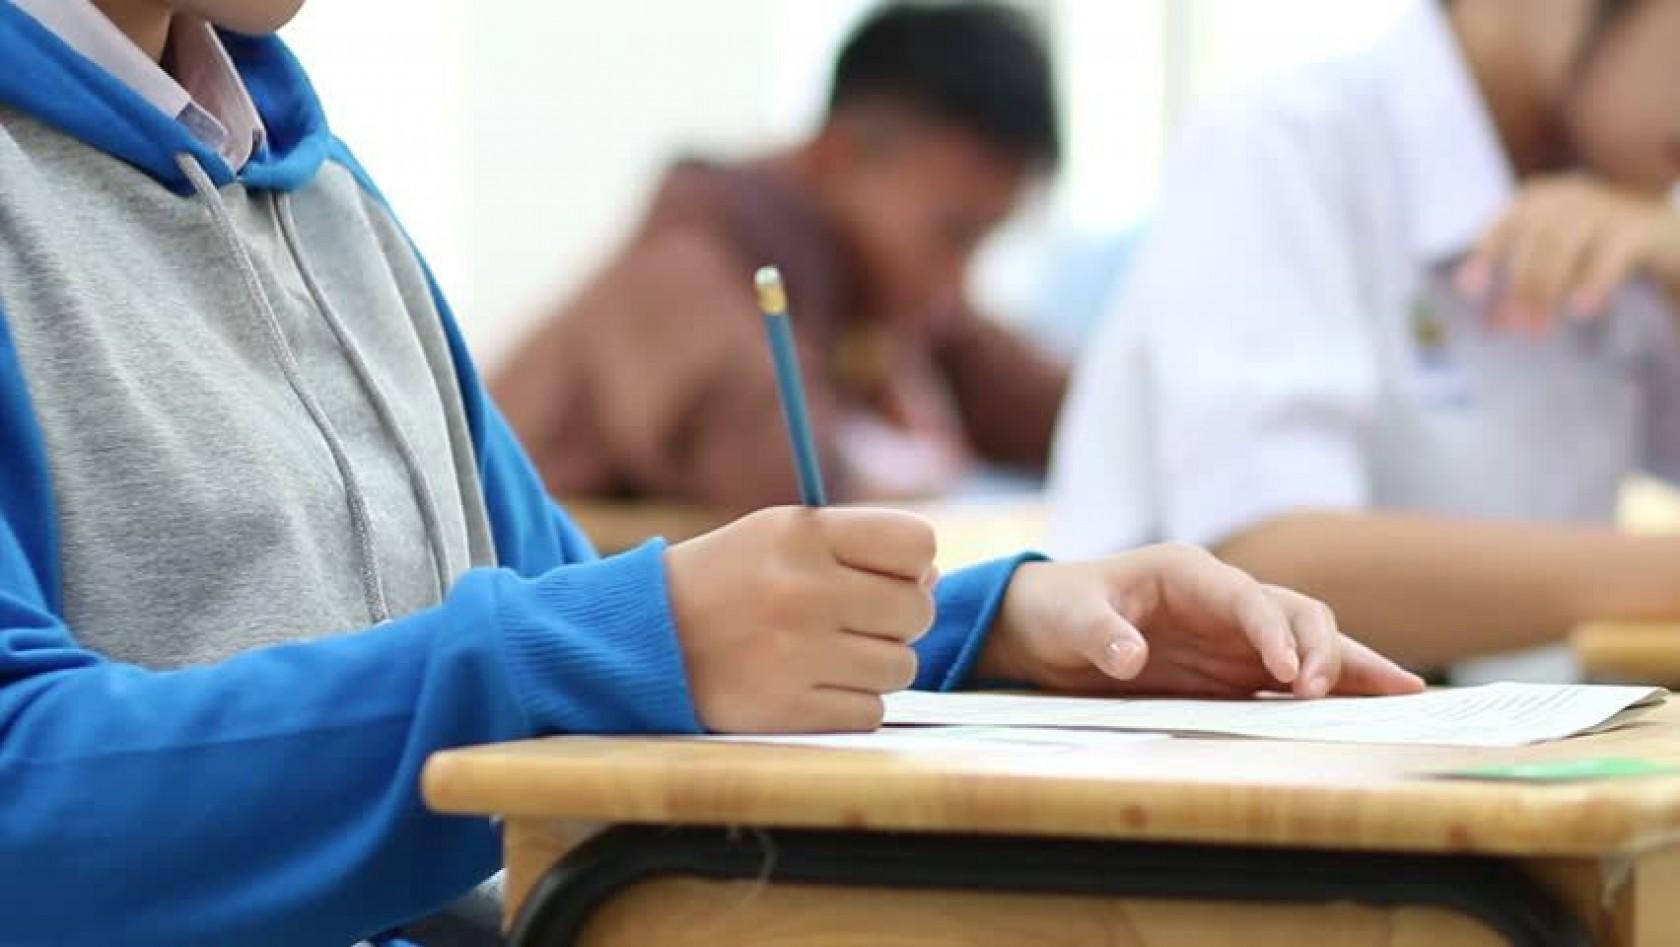 Amerika Lise Eğitimi ELTIS Sınavı Başvurusu Koşulları Nelerdir?